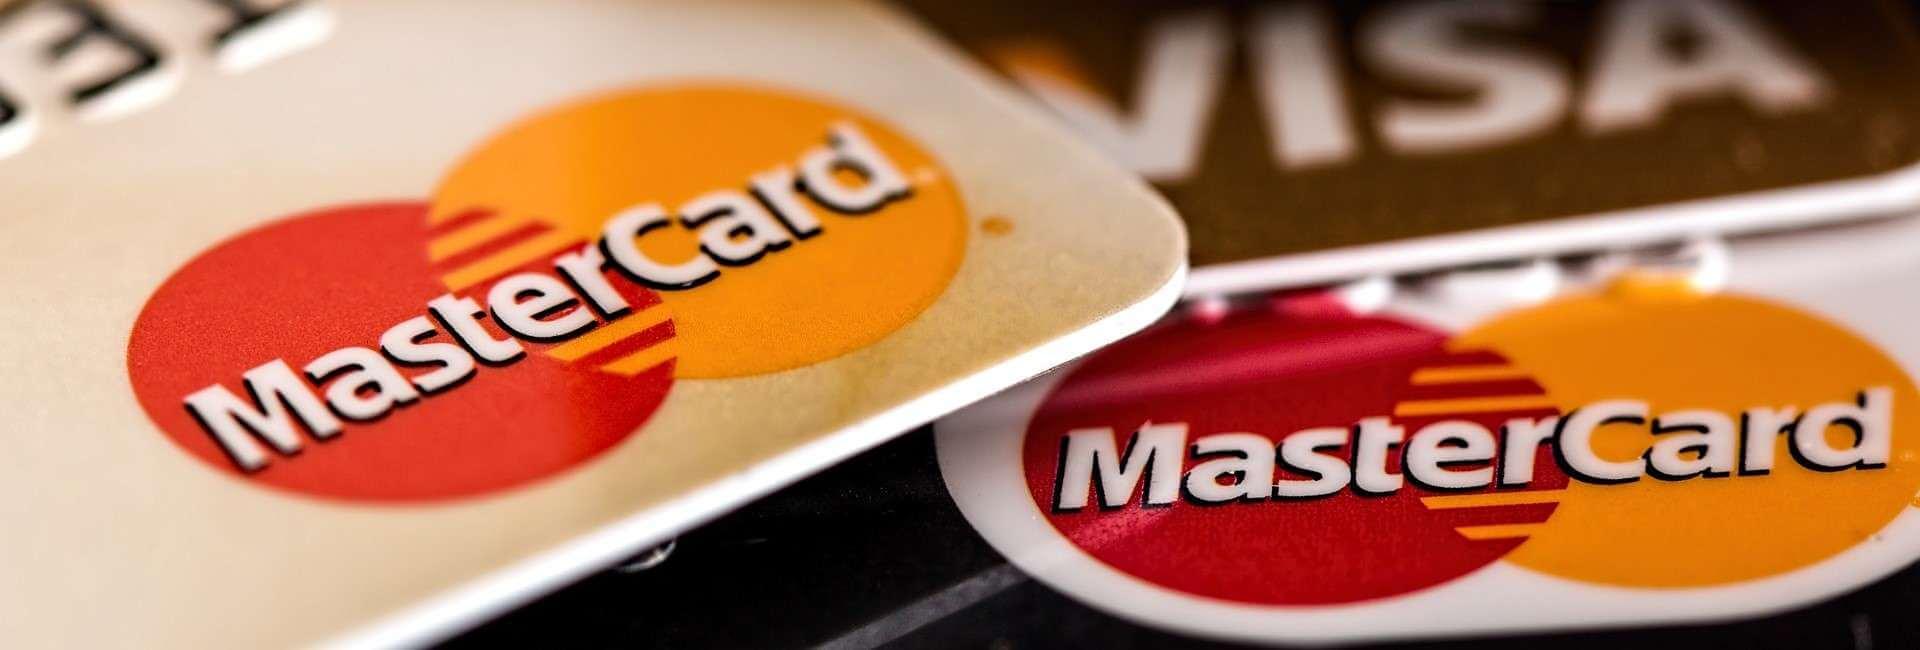 betsson Betalningsalternativ